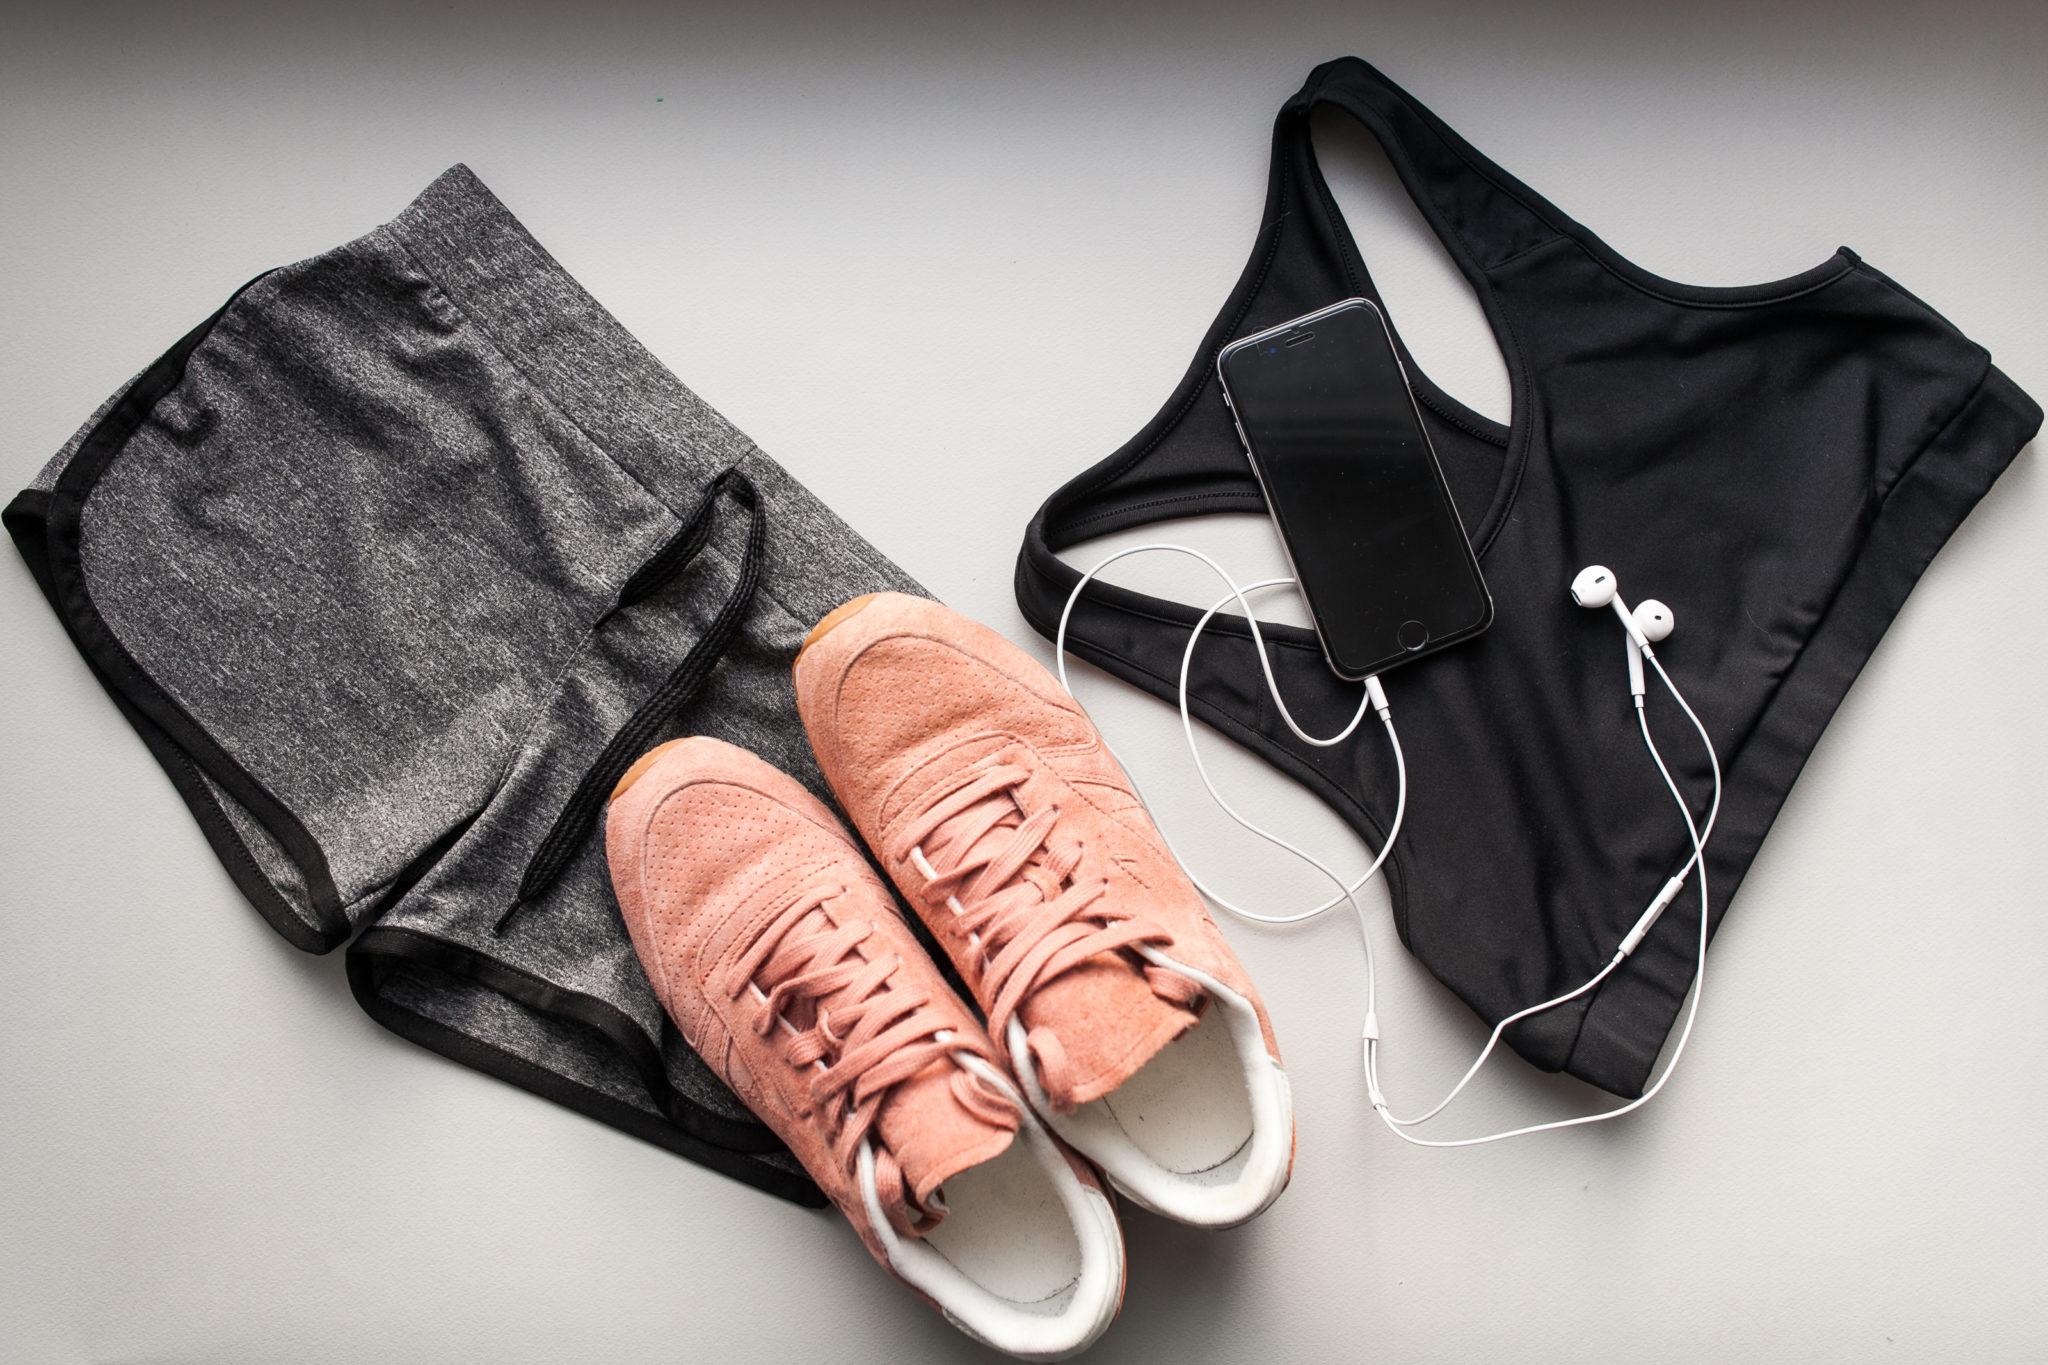 Исследование клиентских ожиданий и потребительских предпочтений индустрии розничной торговли спортивной одежды России (сентябрь 2018).